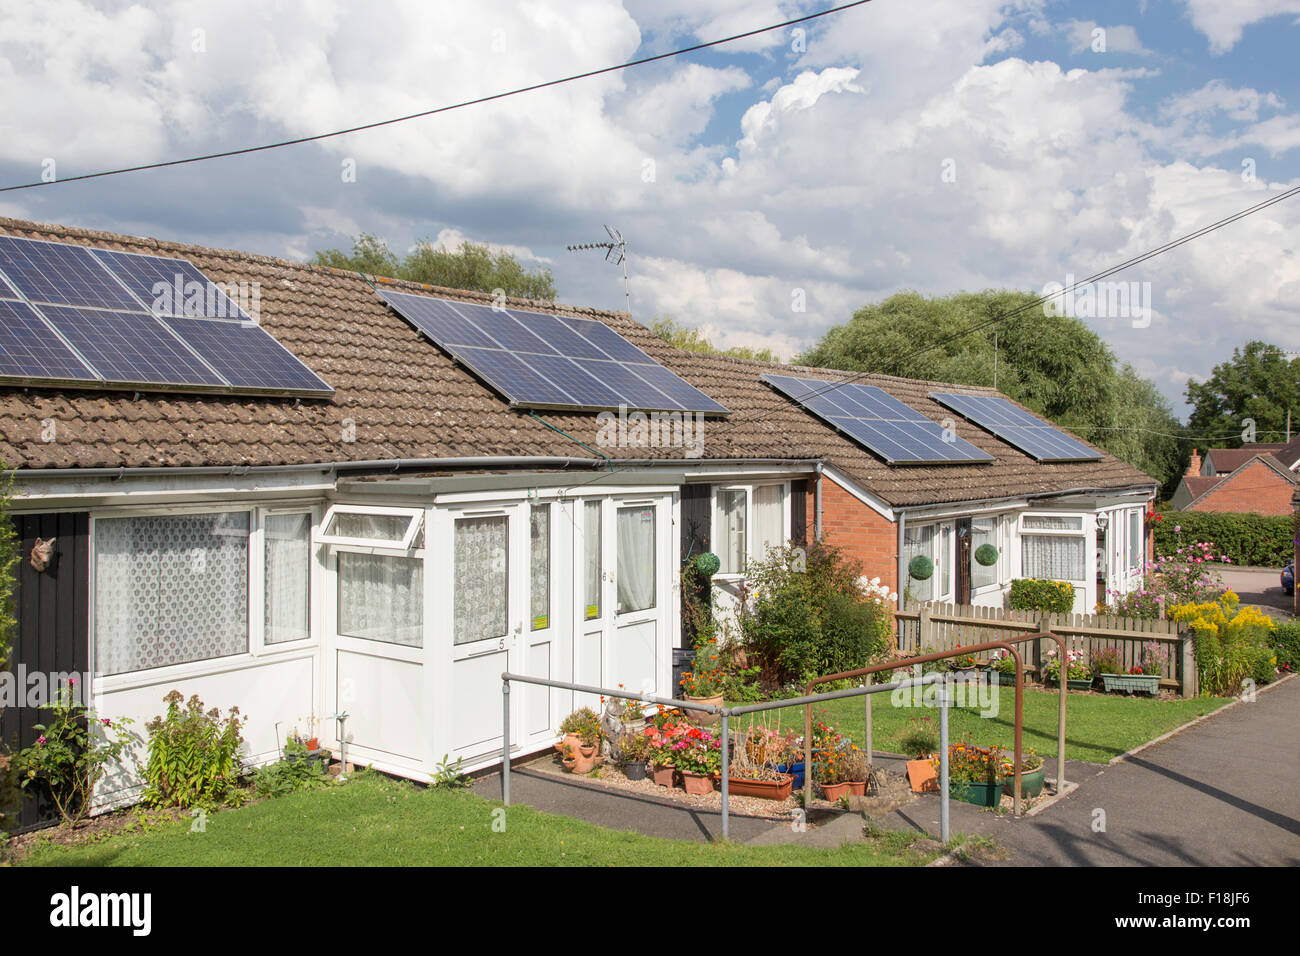 Los paneles solares sobre jubilación bungalows, Inglaterra, Reino Unido. Imagen De Stock